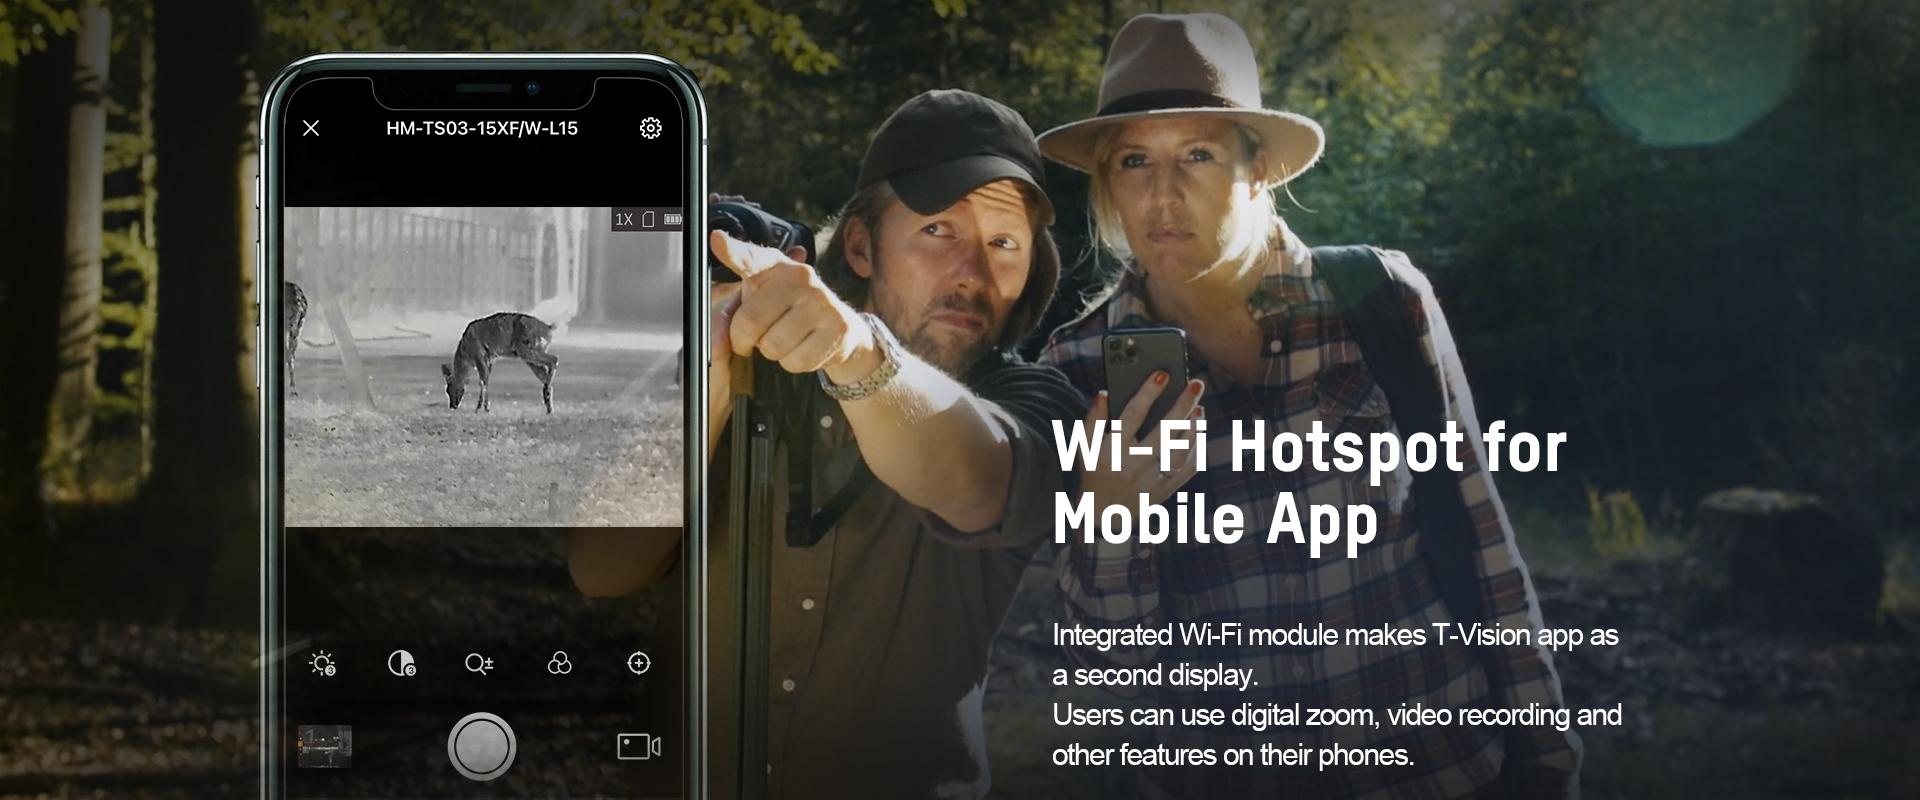 08-Wi-Fi Hotspot for T-Vision Mobile App_LYNX.jpg